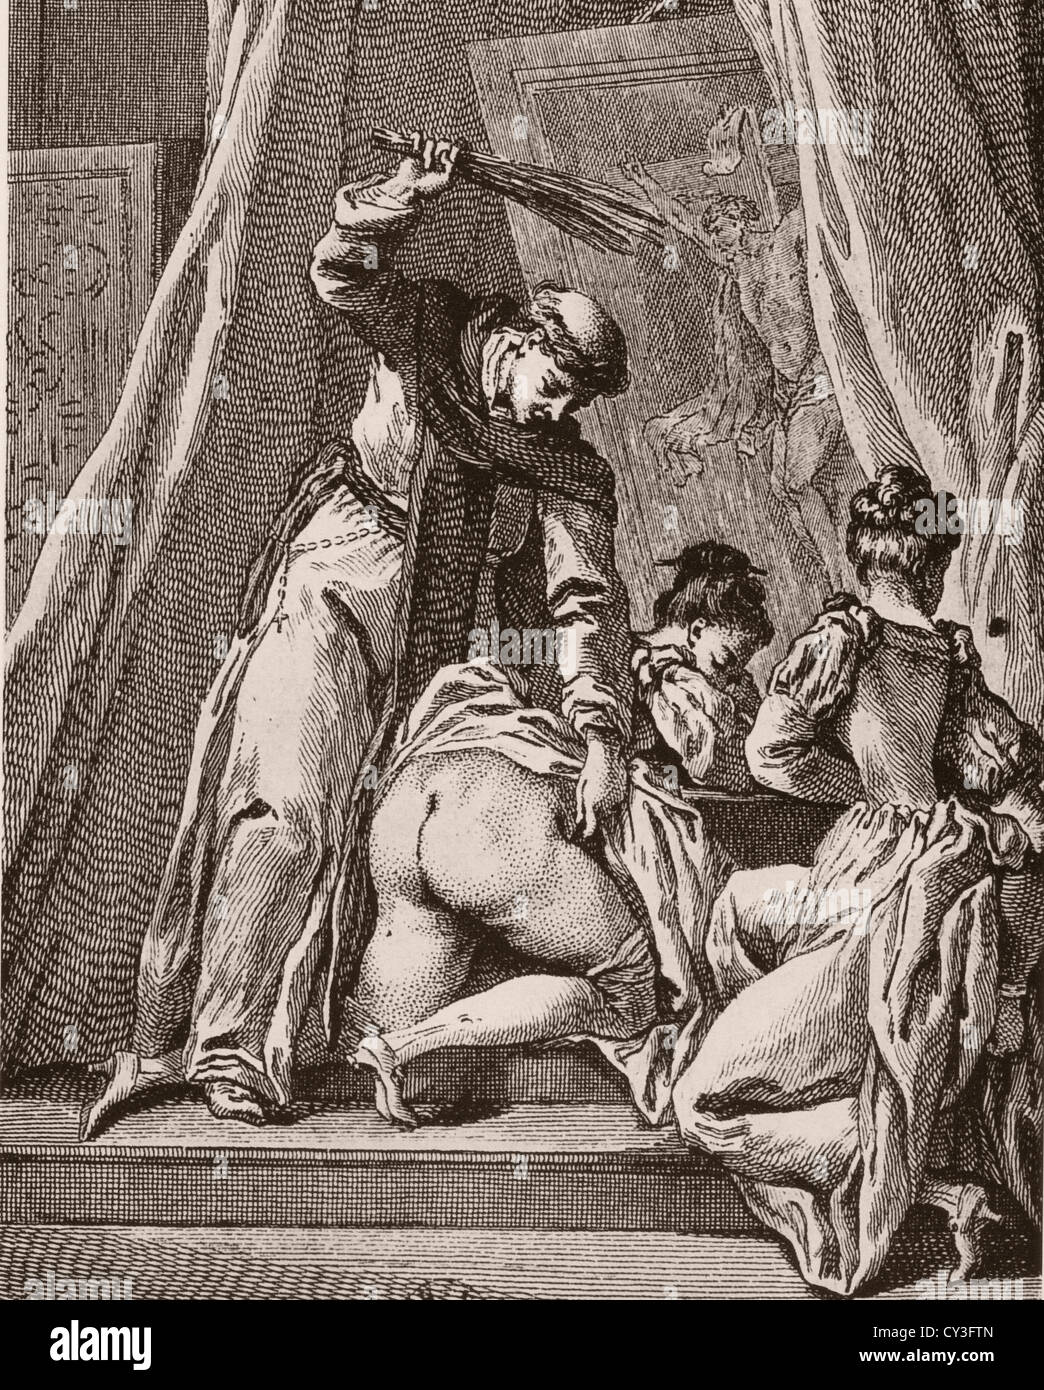 Девушек сексуальное наказание в средние века возбуждение сосания